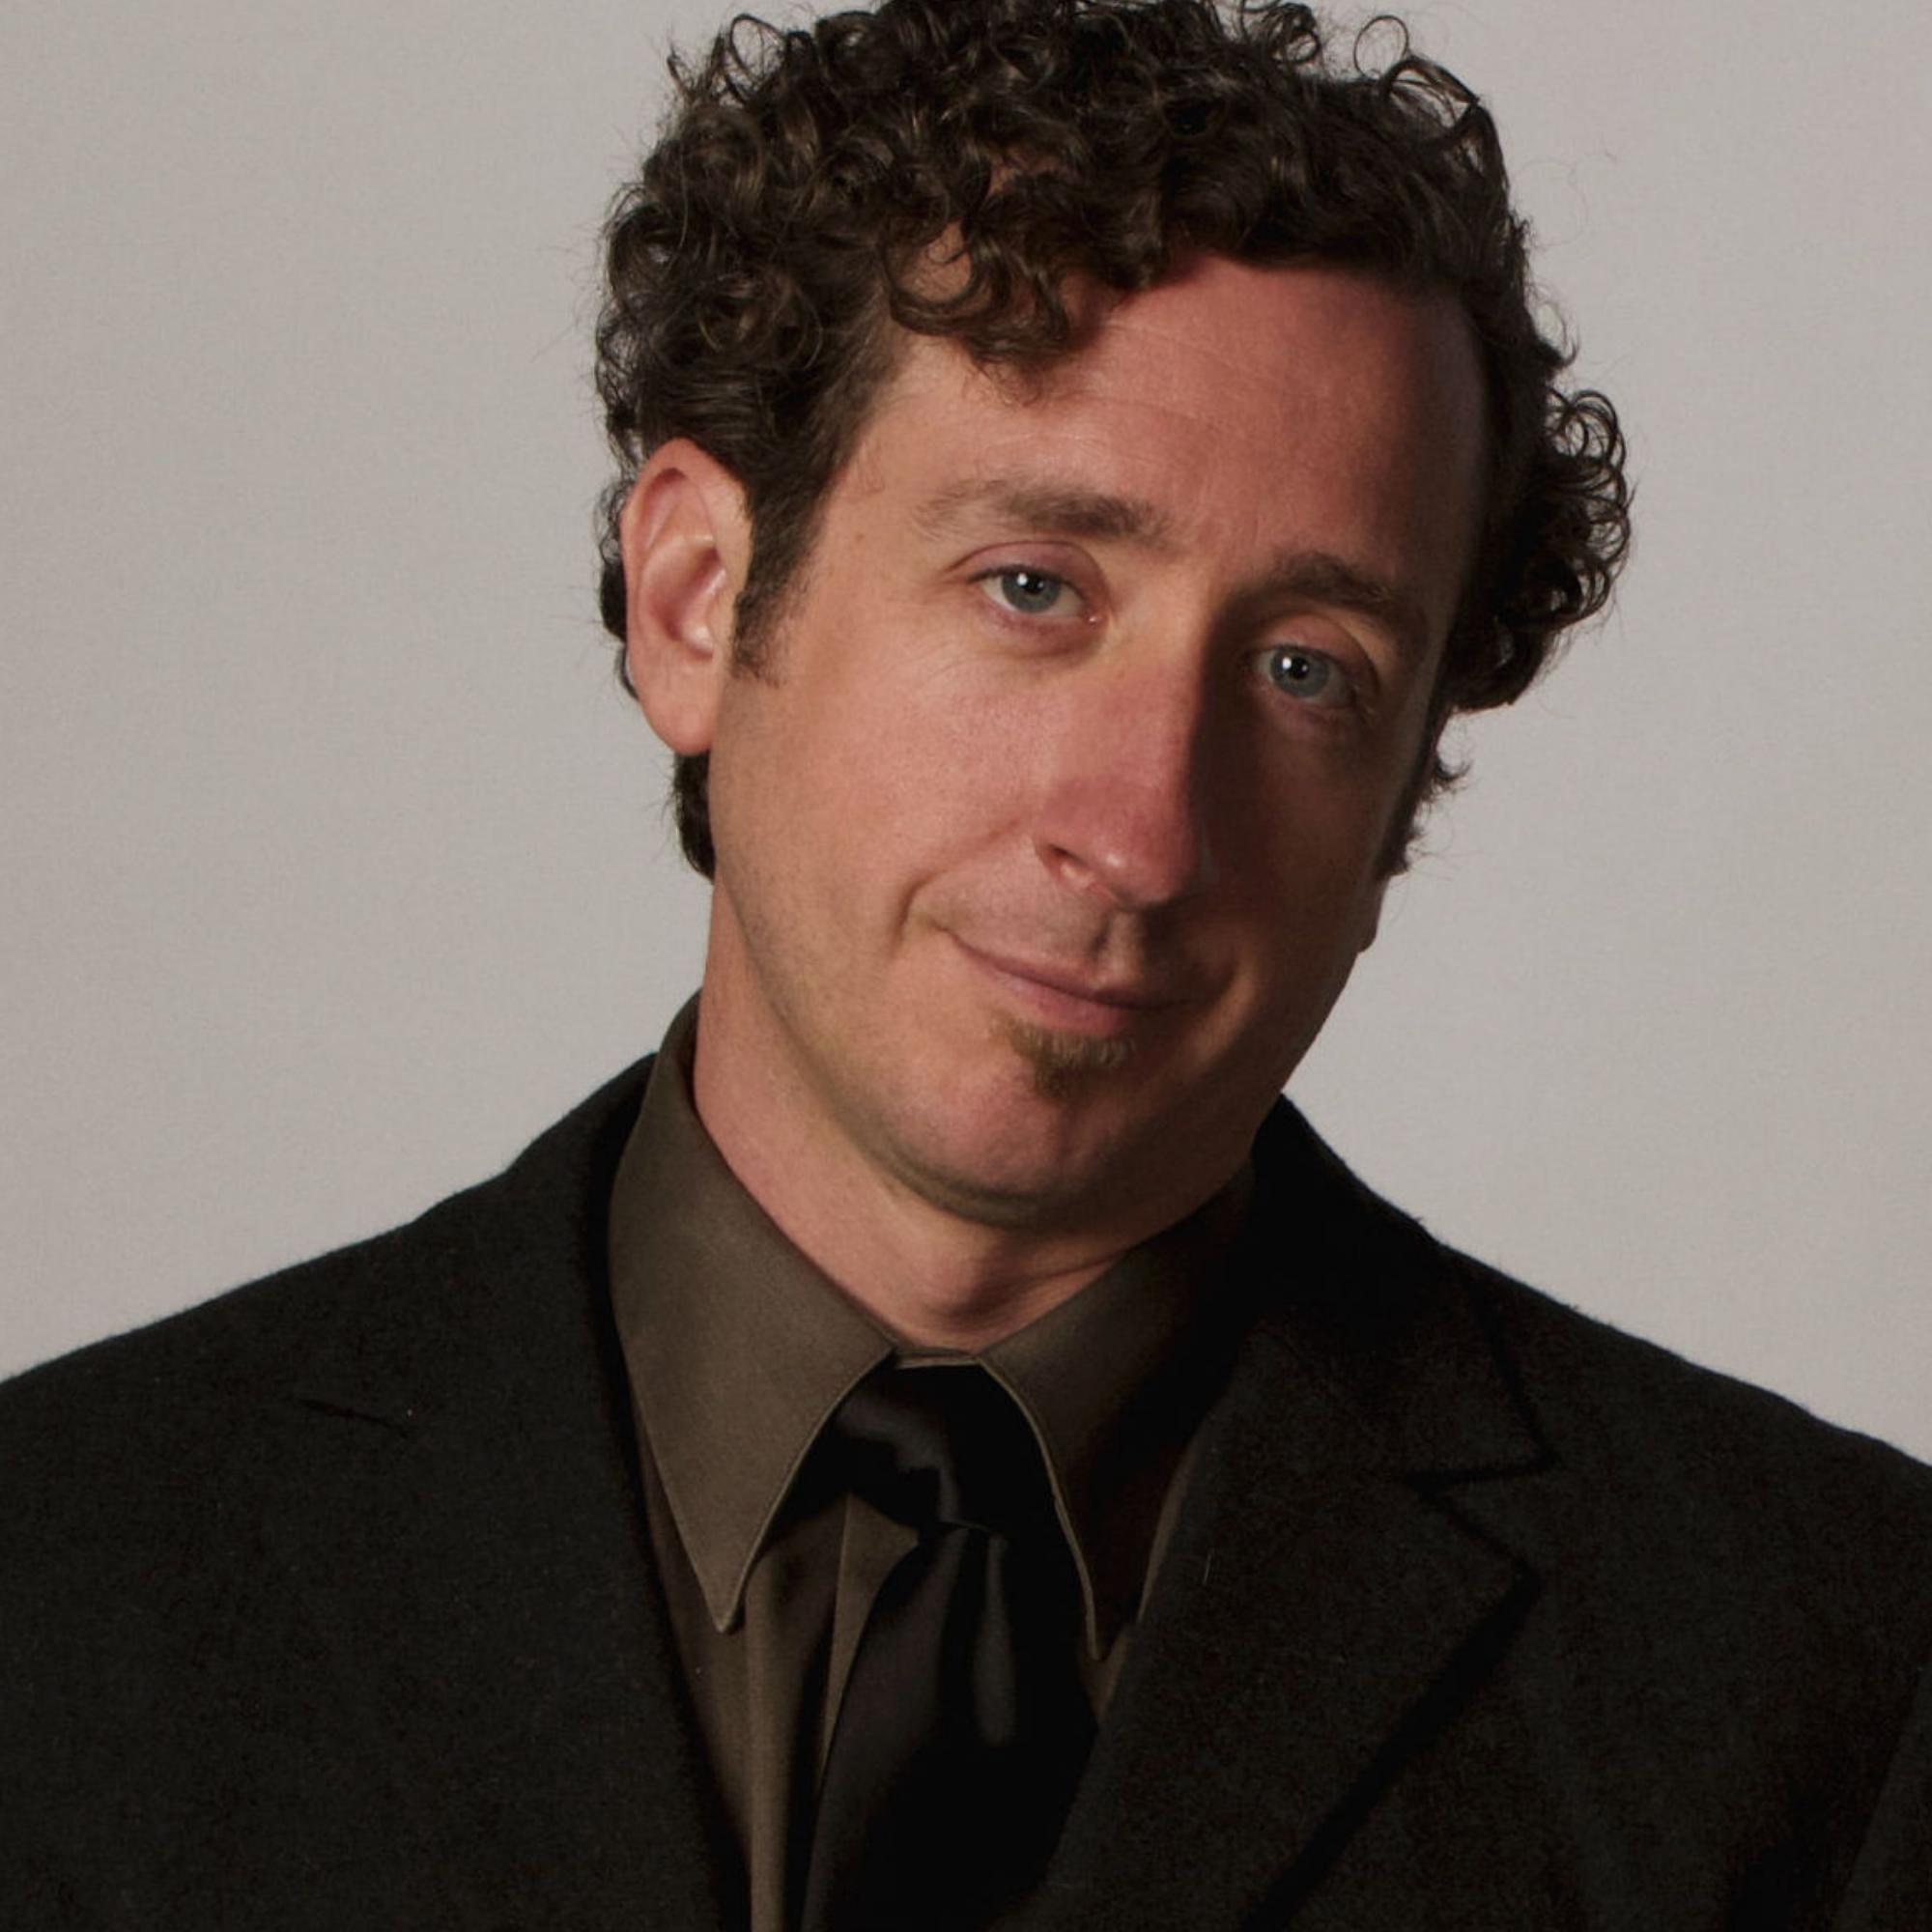 Jonathan Hurley